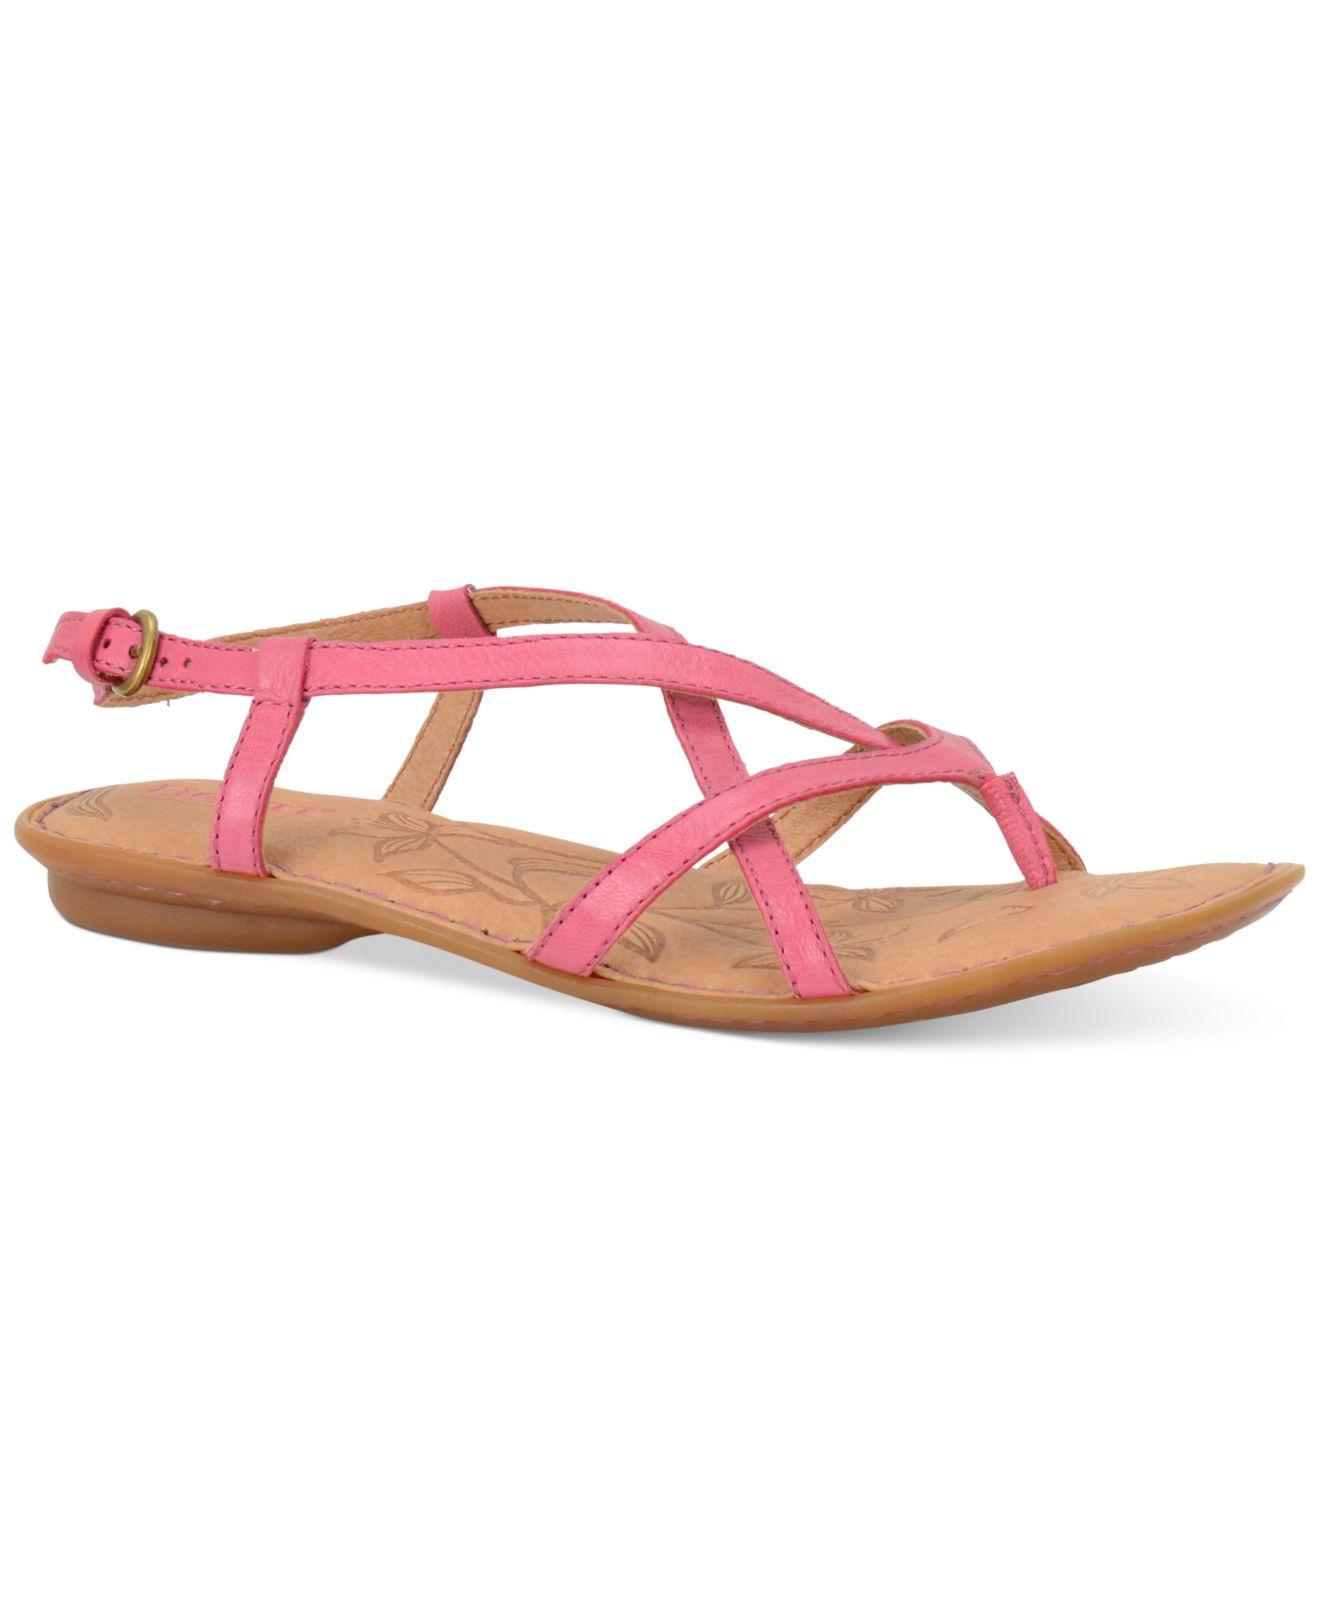 642faeb40d2e Lyst - Born Mai Flat Sandals in Pink